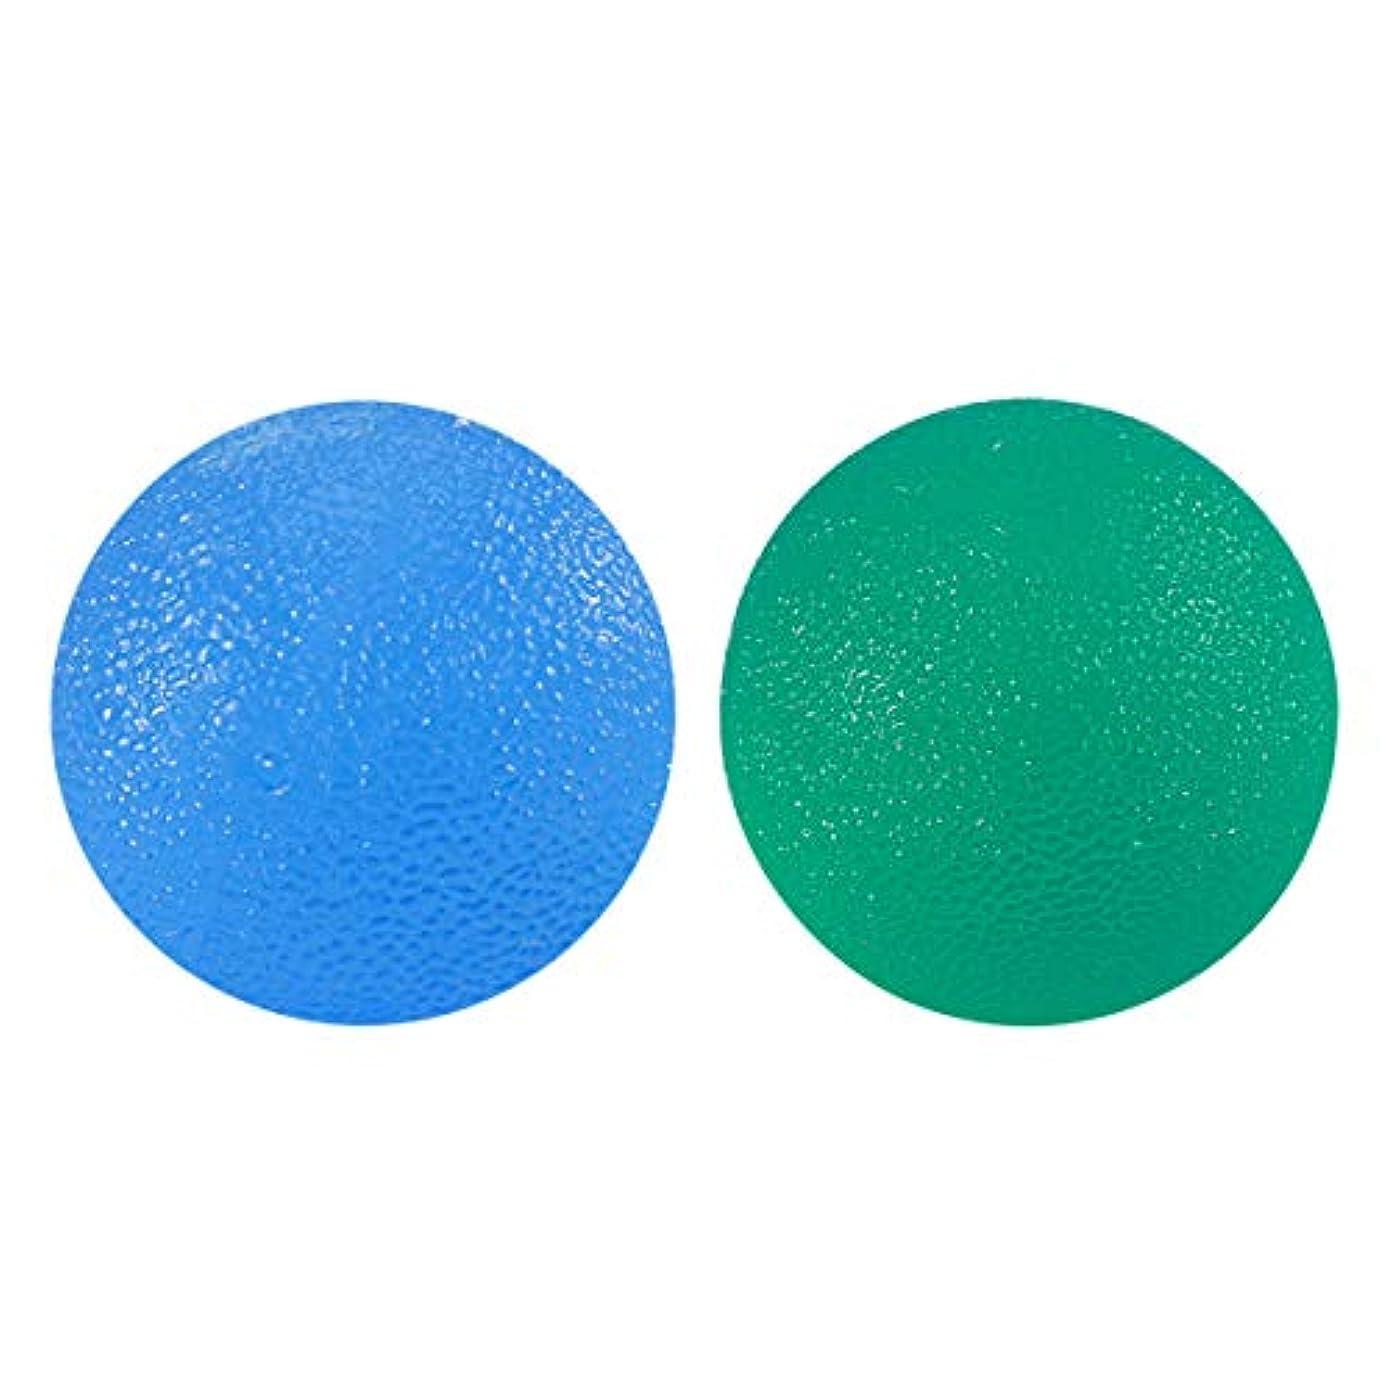 ホバート押す報酬のHEALIFTY 2本の中国の健康運動マッサージボールのストレスは、手の運動(緑と青)